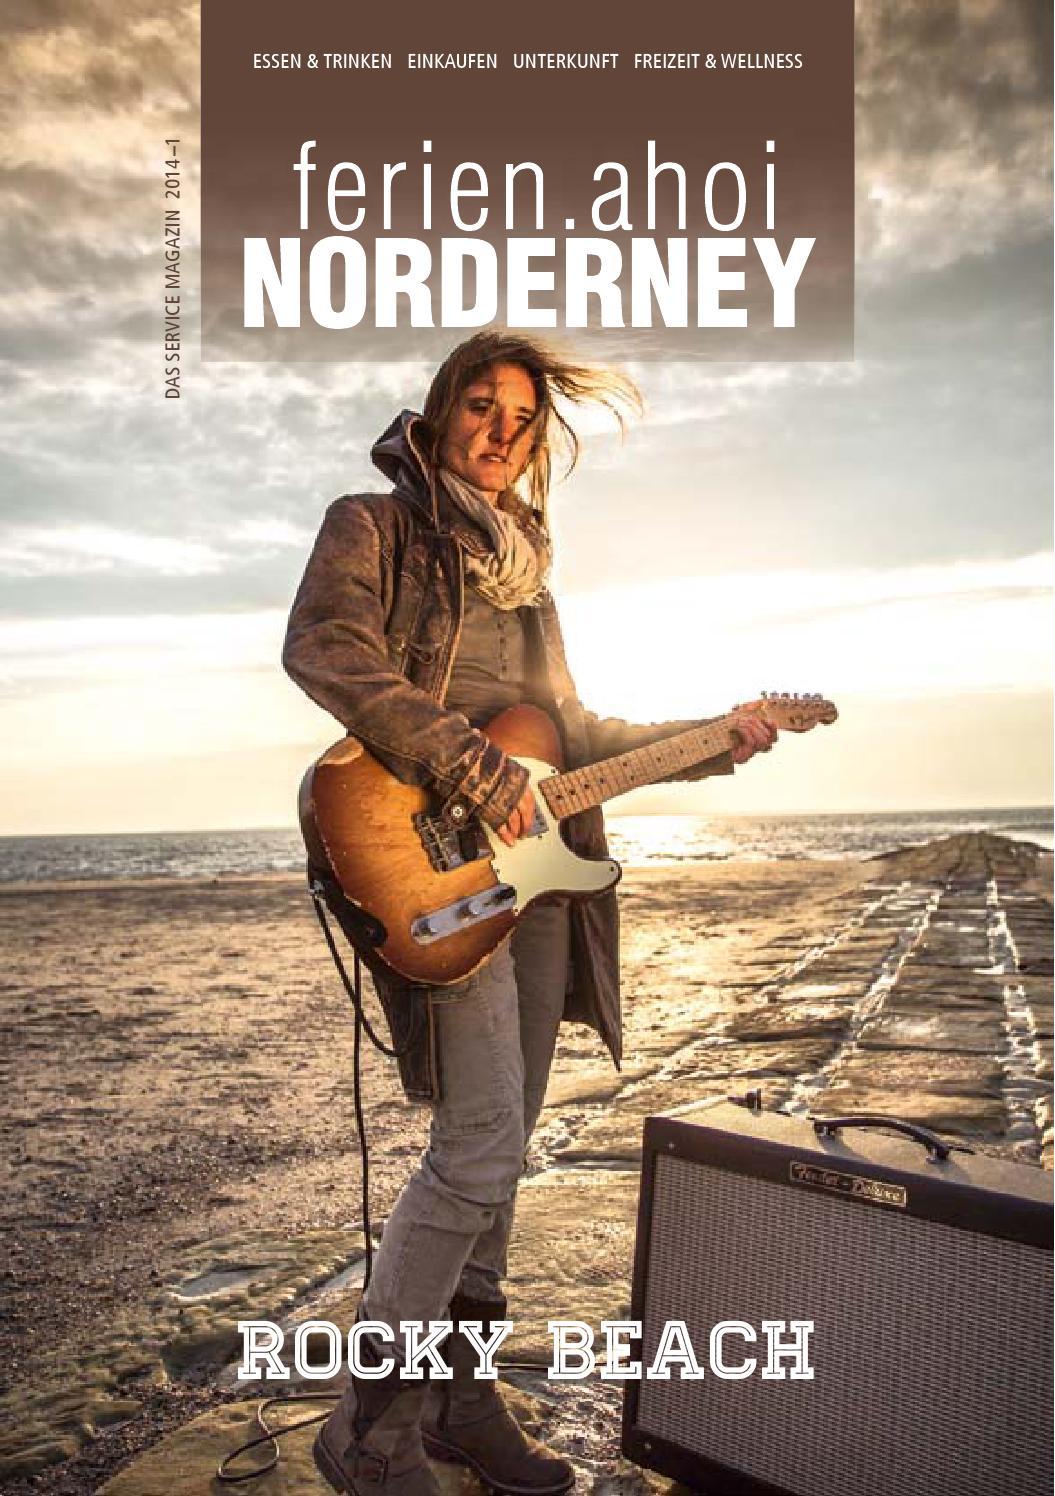 Ferien.ahoi norderney magazin 2013 // 2 by ferien.ahoi   issuu